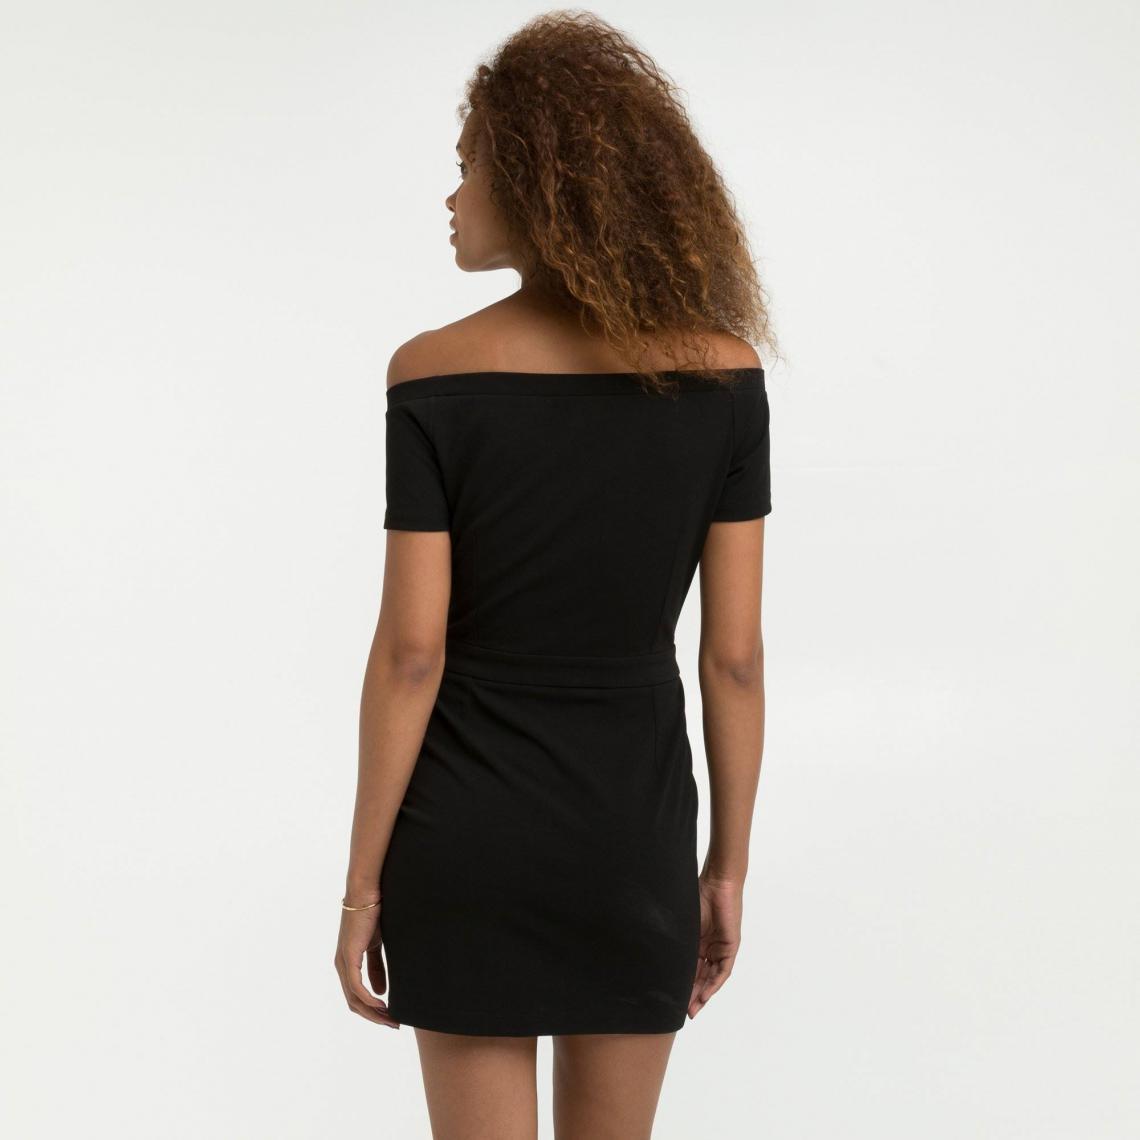 Robes noires femme 3 Suisses Collection Cliquez l image pour l agrandir. Robe  courte ajustée col bardot manches ... fb25604262c9